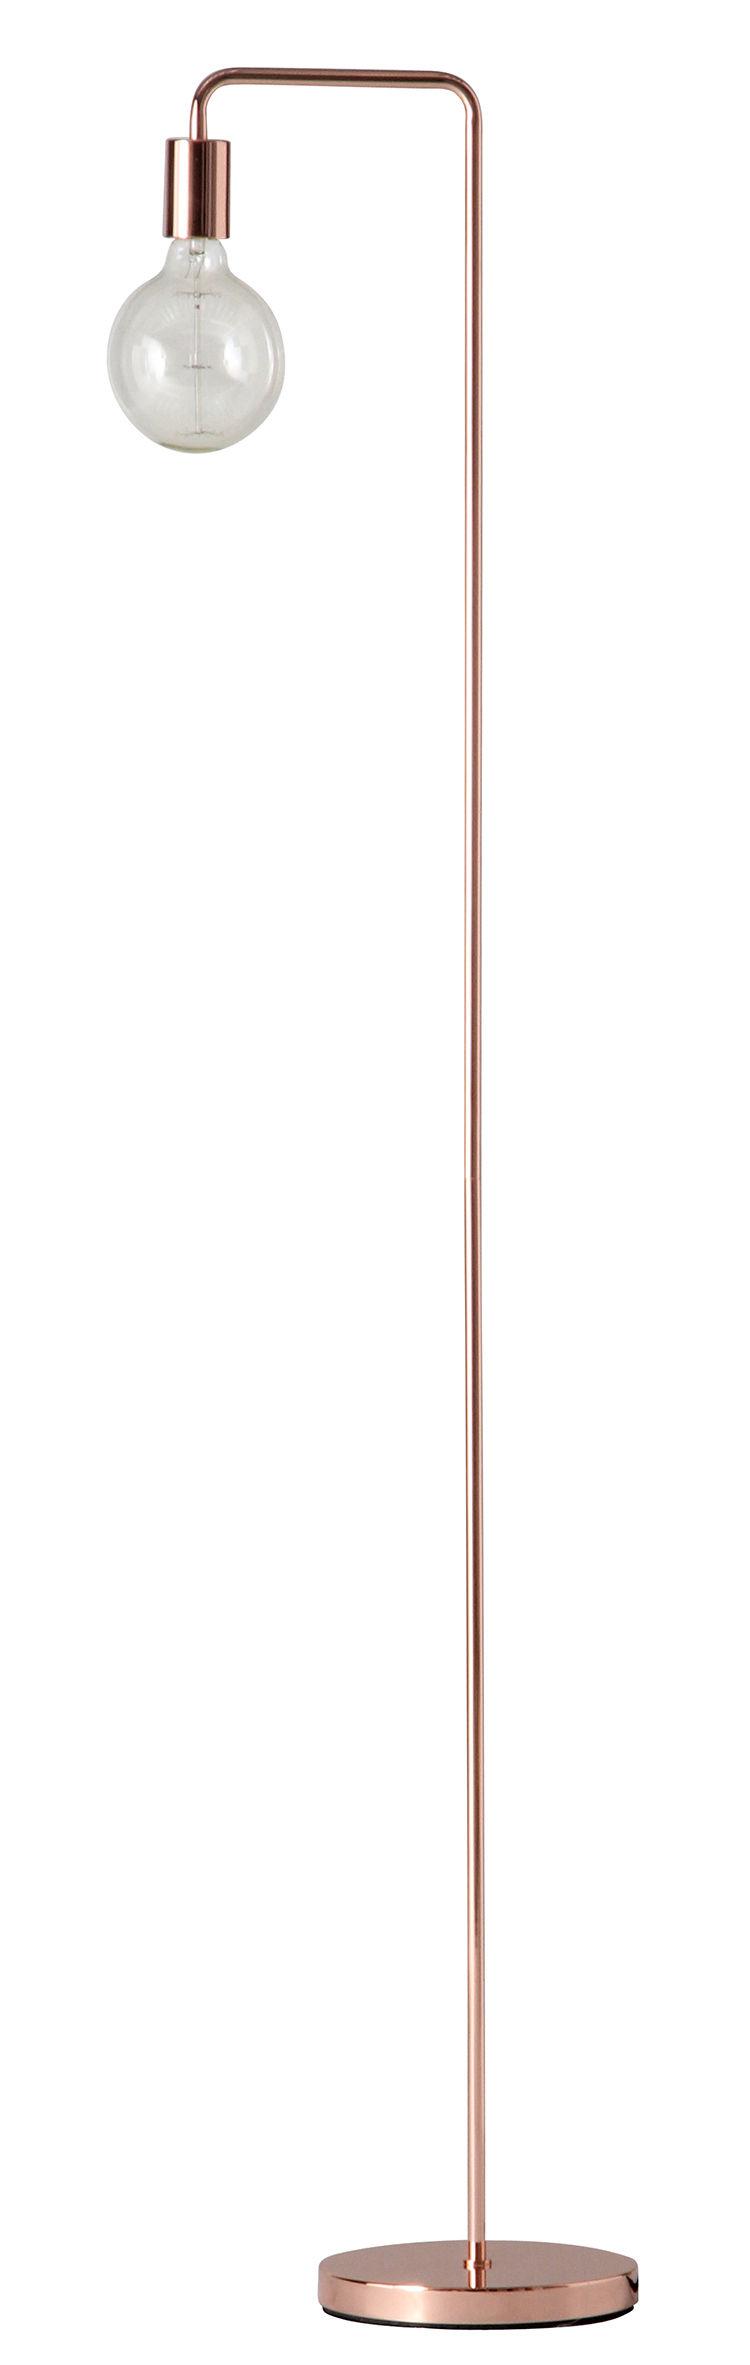 Luminaire - Lampadaires - Lampadaire Cool / H 153 cm - Frandsen - Cuivre - Métal finition cuivre